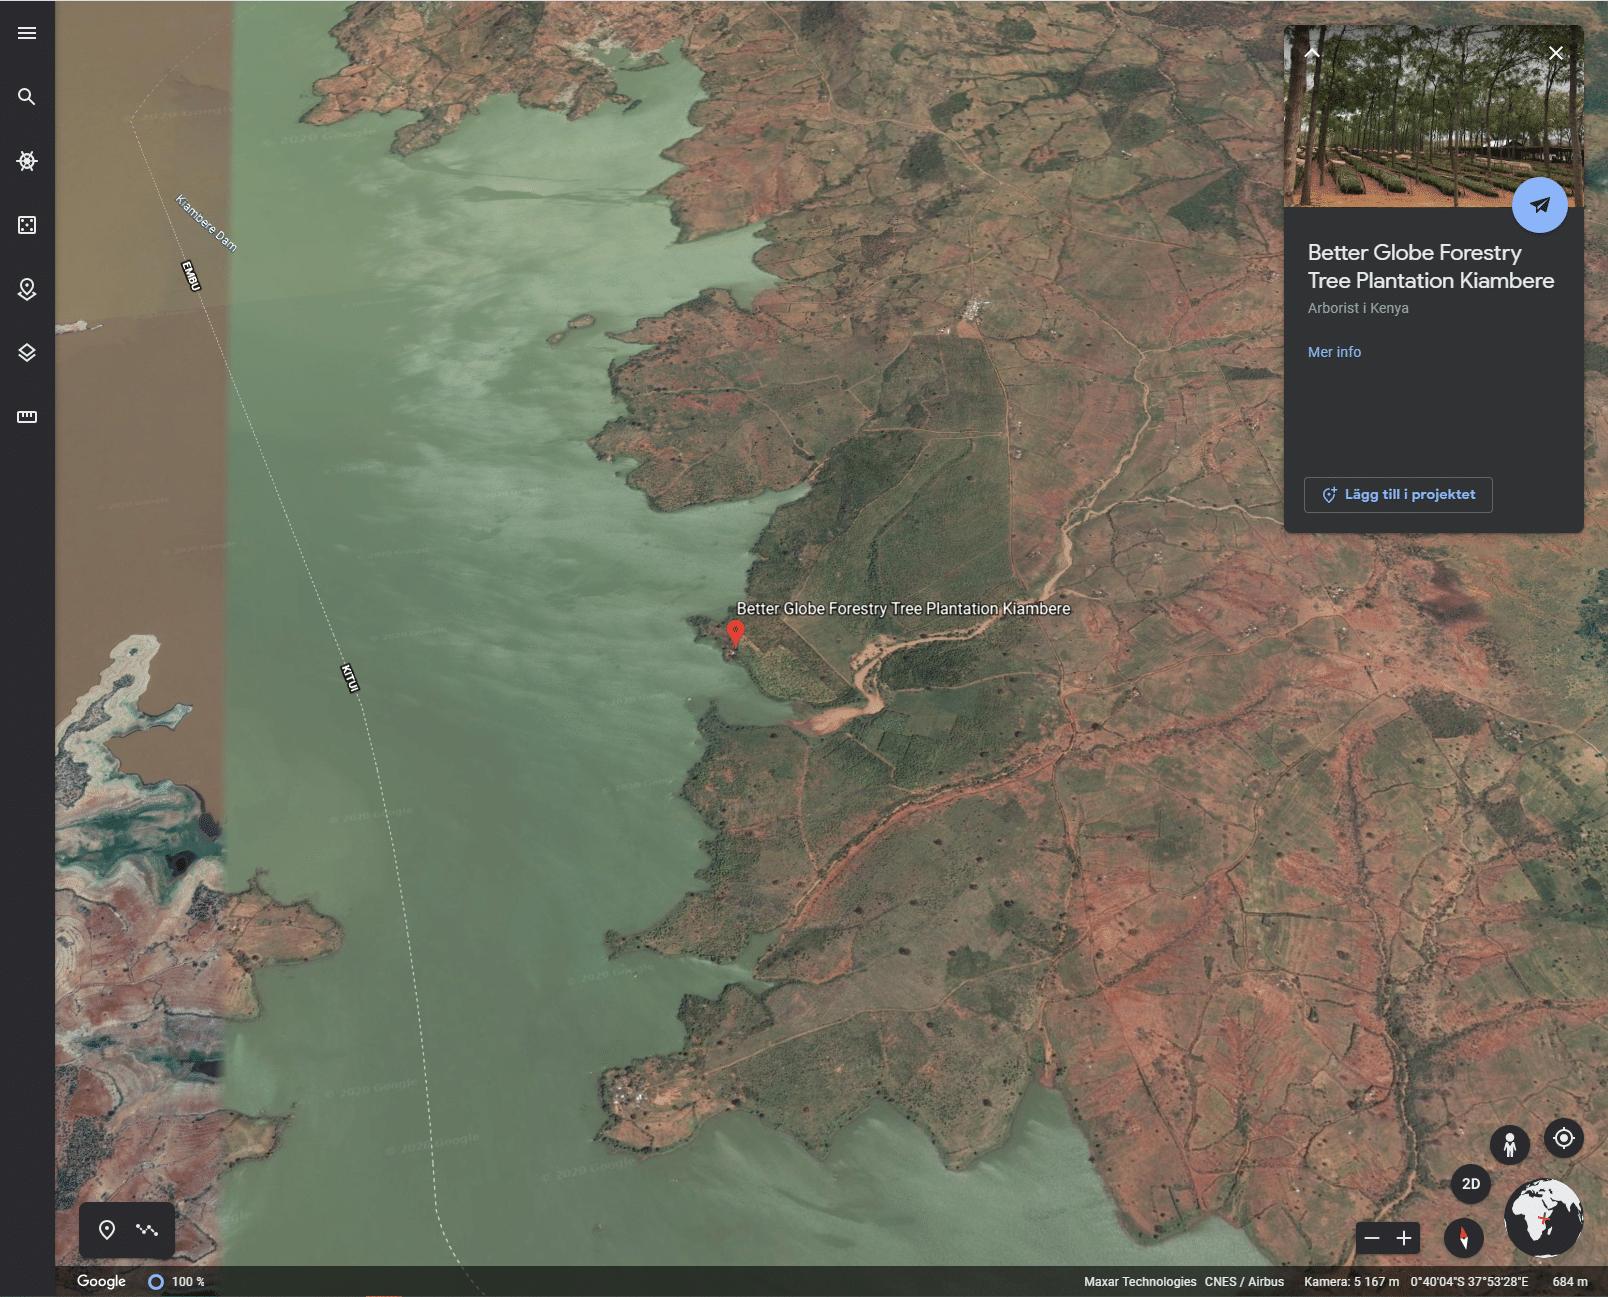 Better Globe från Google Earth